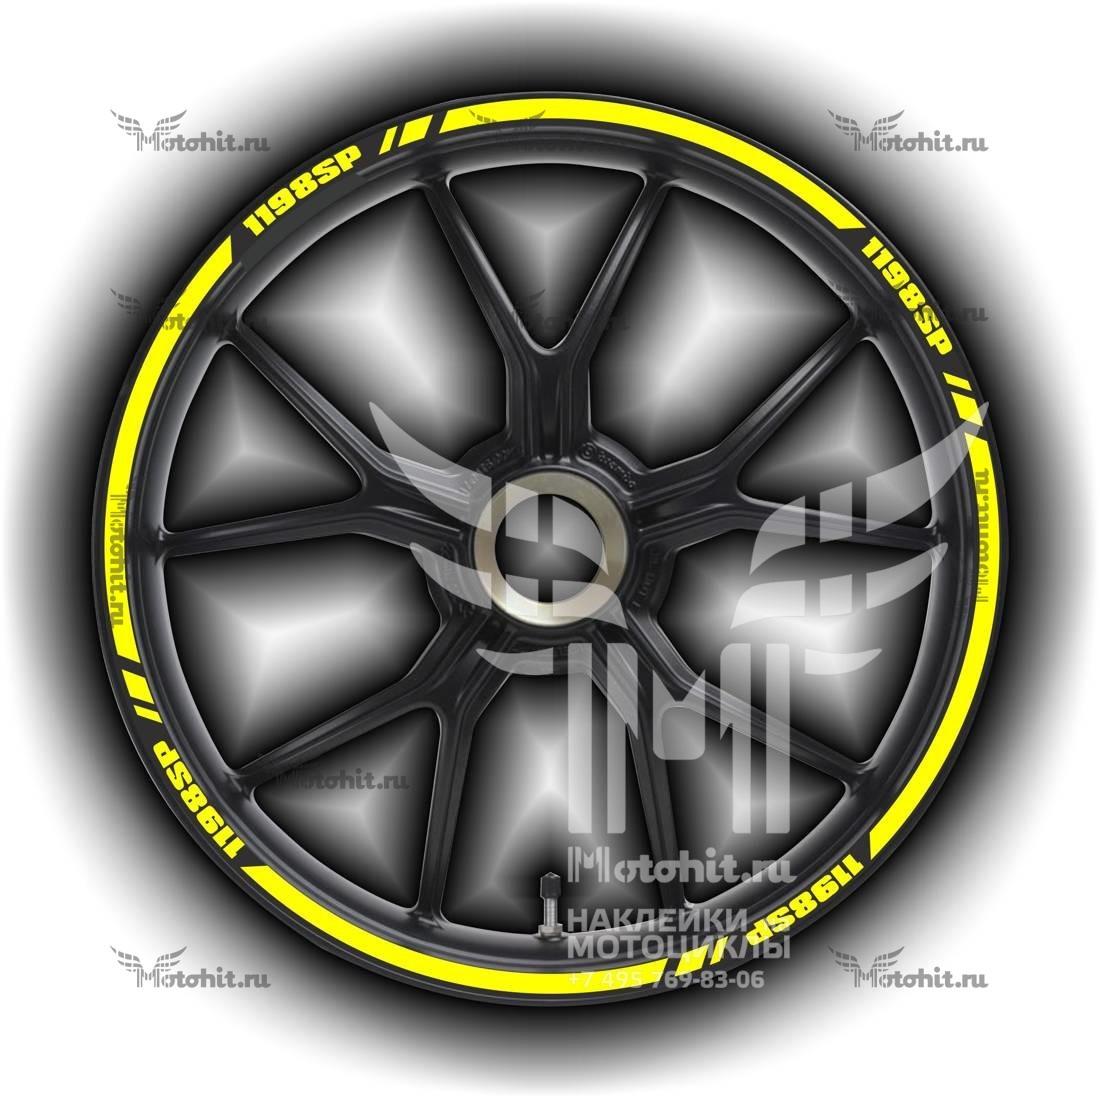 Комплект наклеек на обод колеса мотоцикла DUCATI 1198-SP